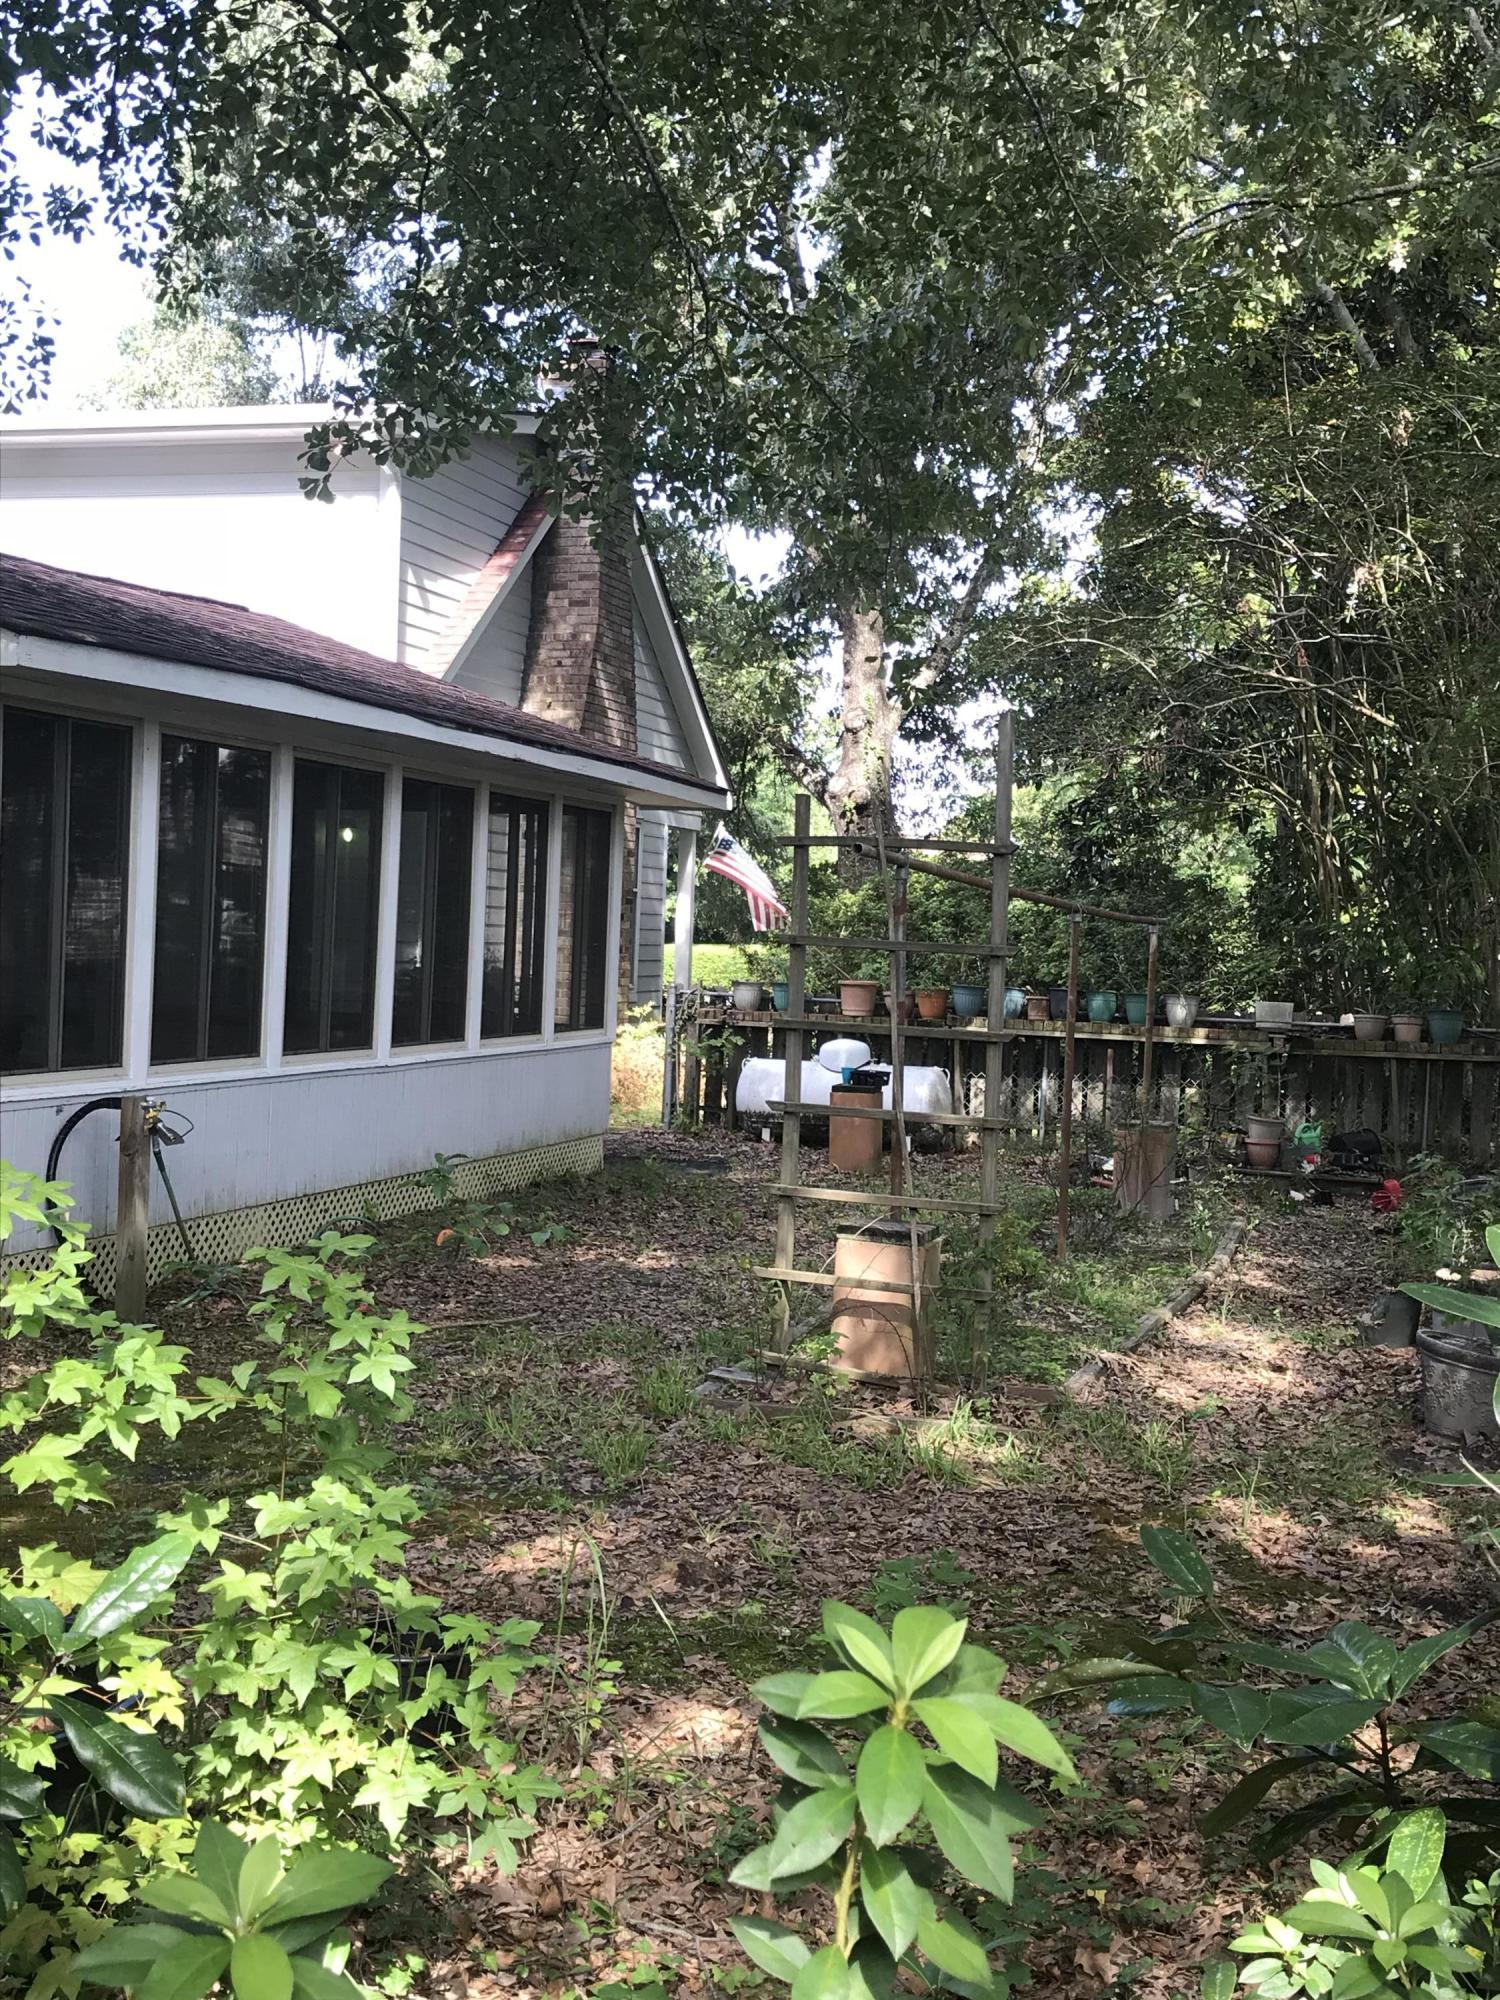 St James Estates Homes For Sale - 103 Westminster, Goose Creek, SC - 39